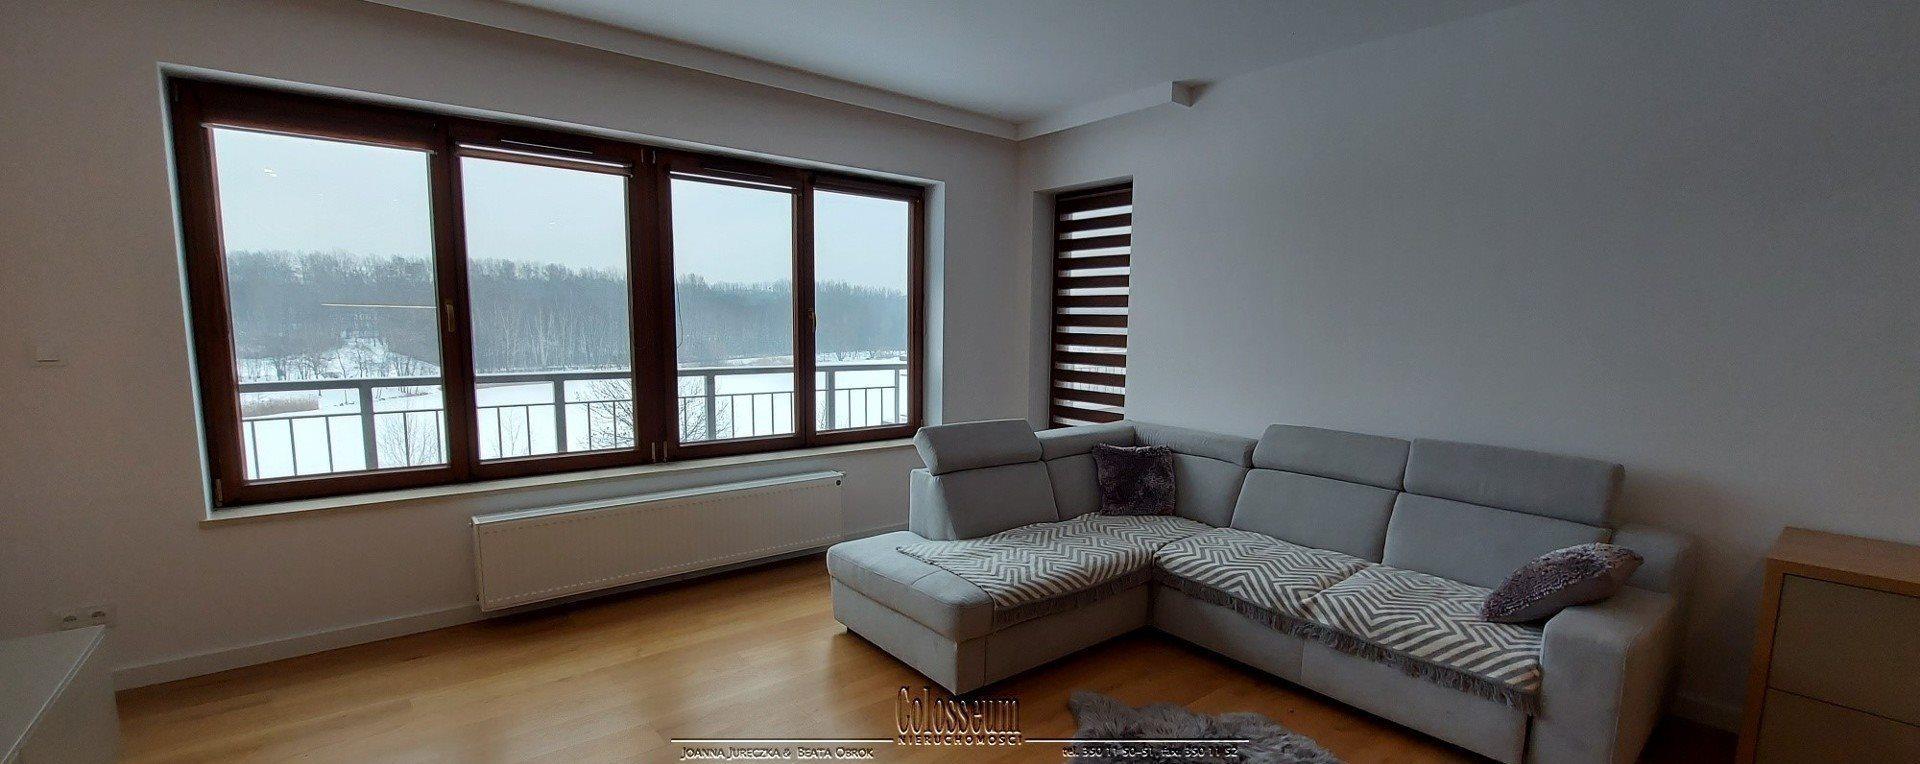 Mieszkanie dwupokojowe na sprzedaż Katowice, Dolina Trzech Stawów, Gen. Władysława Sikorskiego  59m2 Foto 5